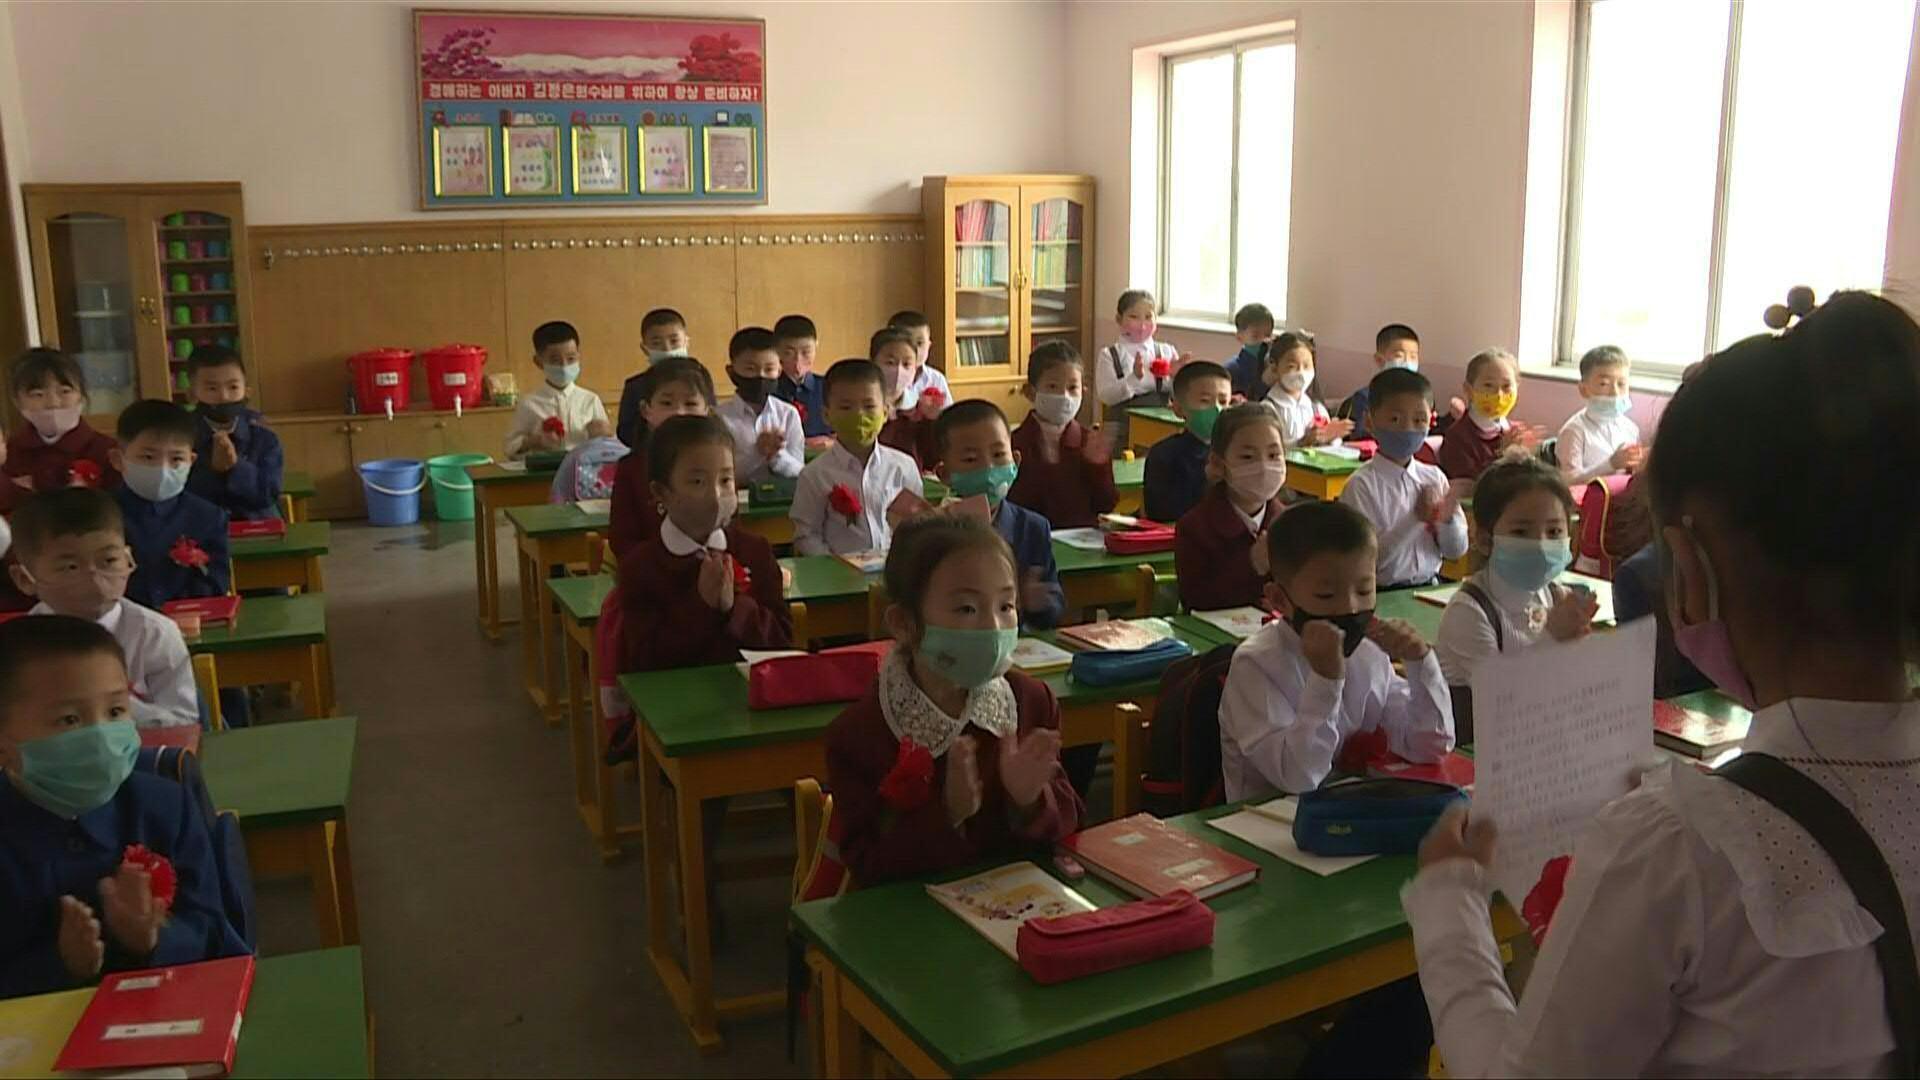 Mira cómo los niños volvieron a clases en Corea del Norte